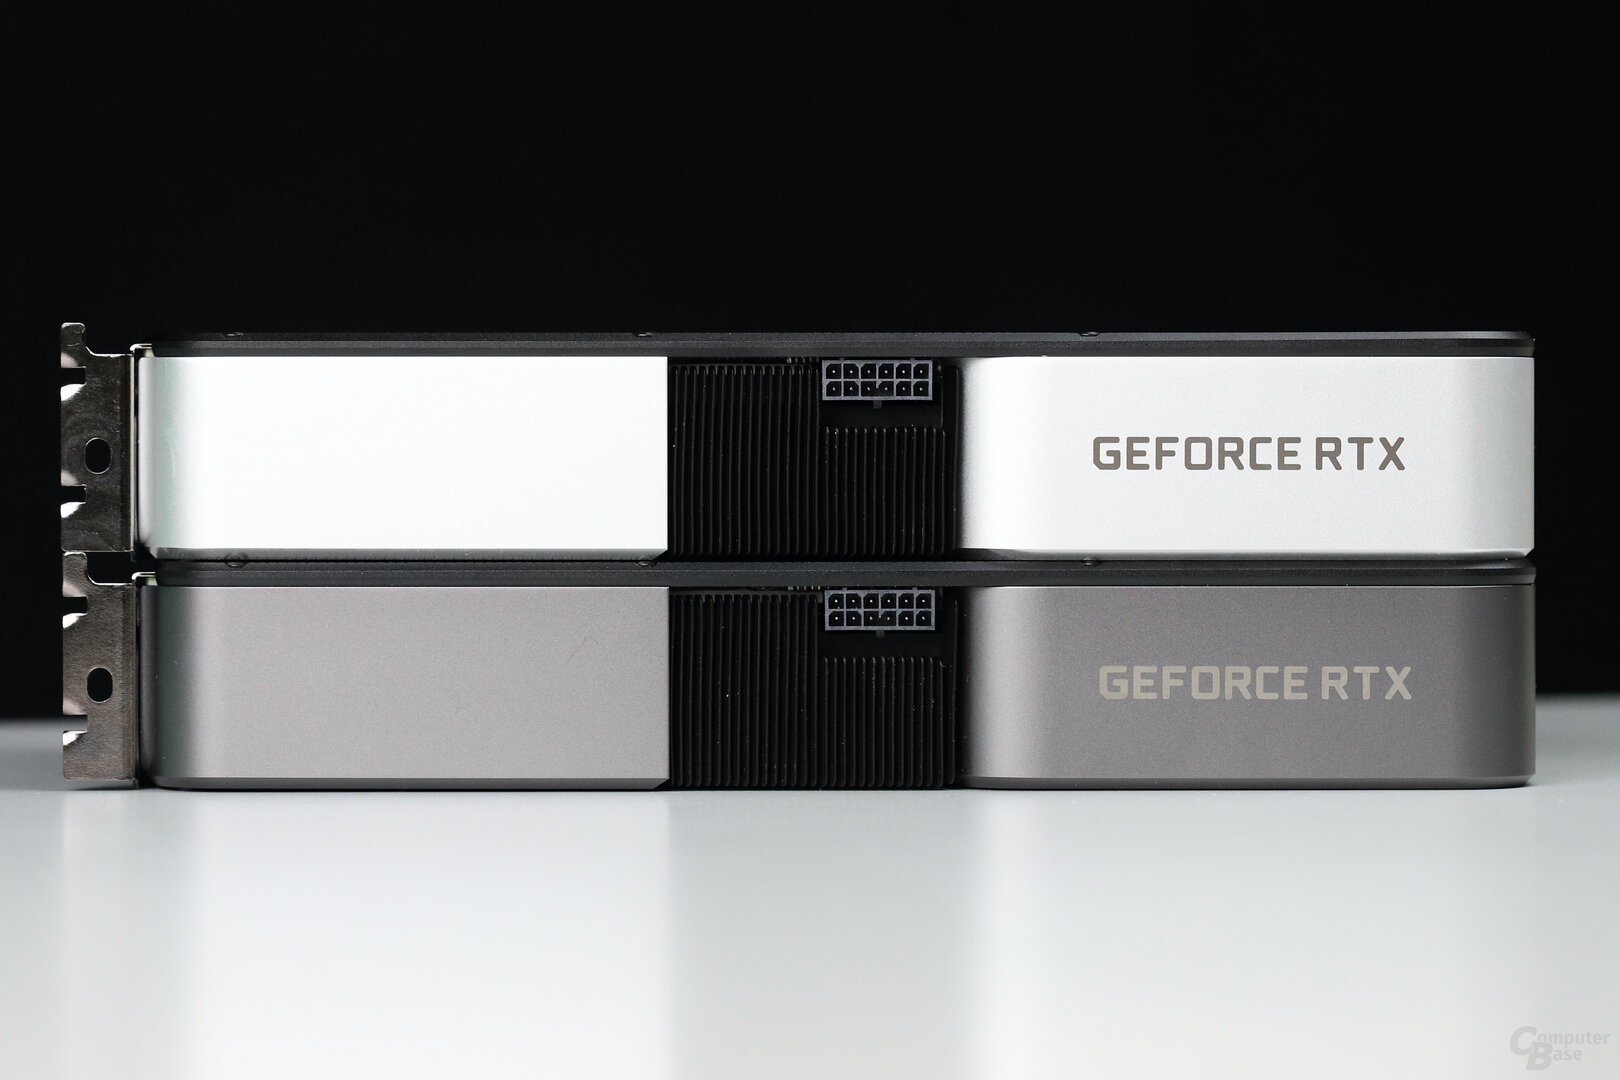 Die Nvidia GeForce RTX 3060 Ti FE (oben) hat eine andere Farbe